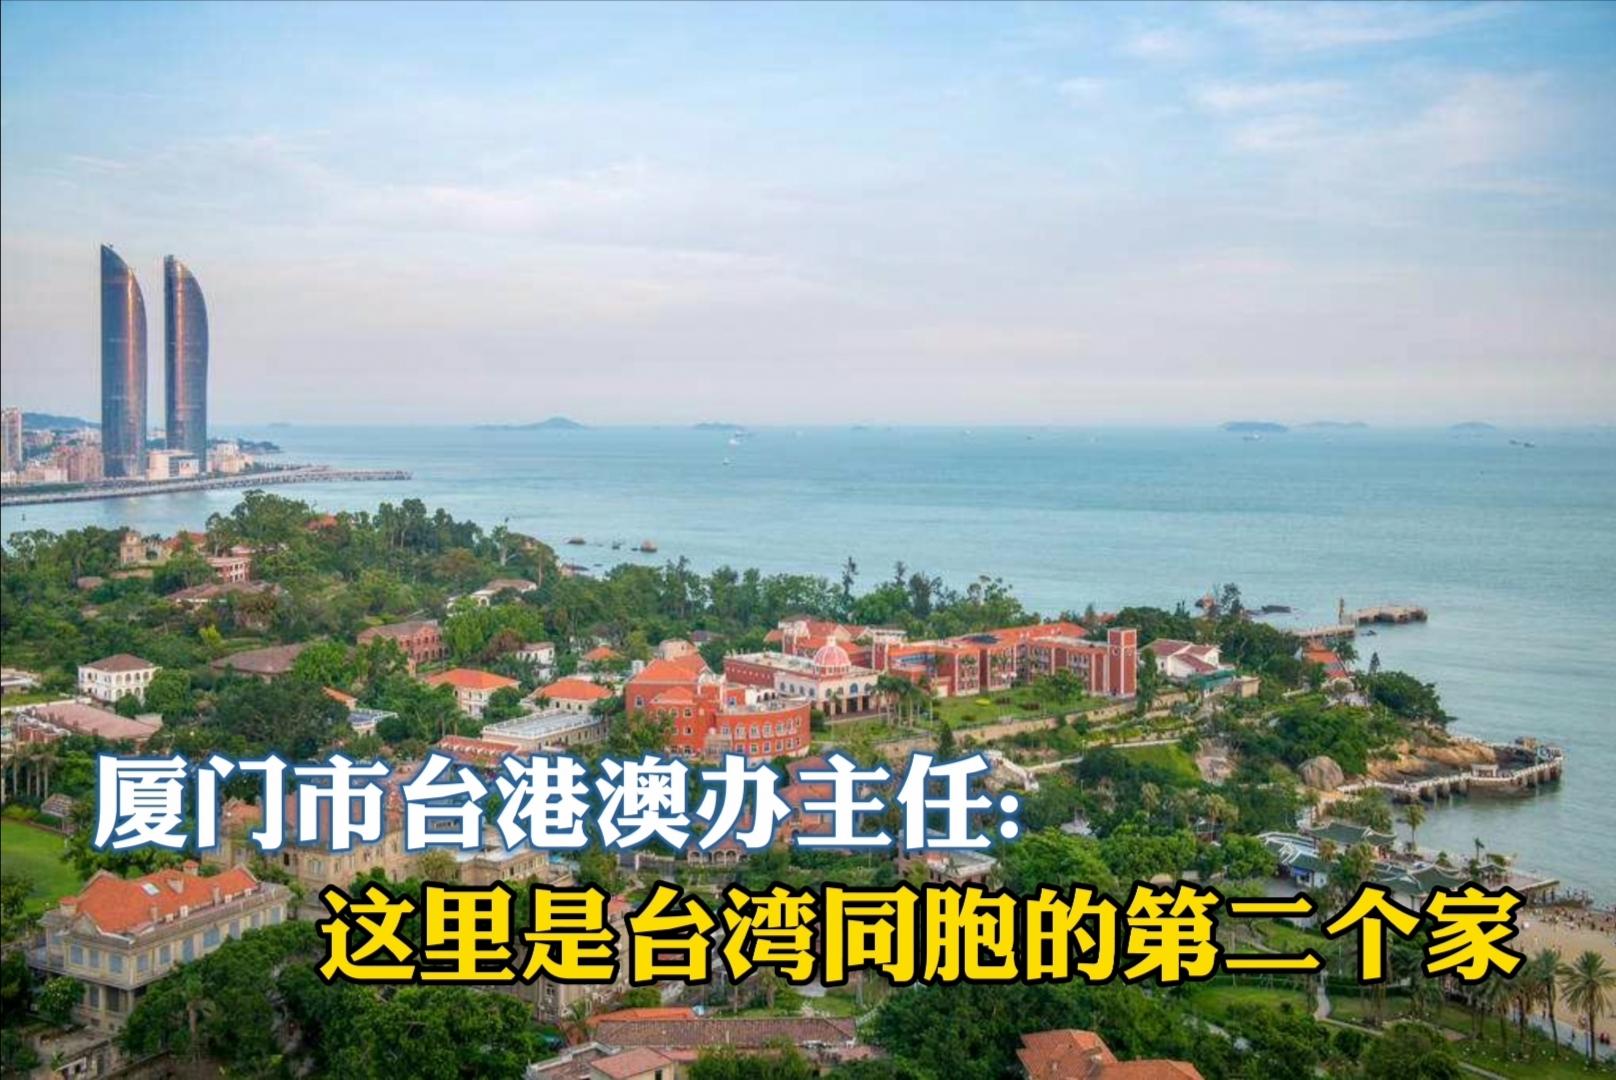 廈門市臺港澳辦主任:這裡是臺灣同胞的第二個家圖片